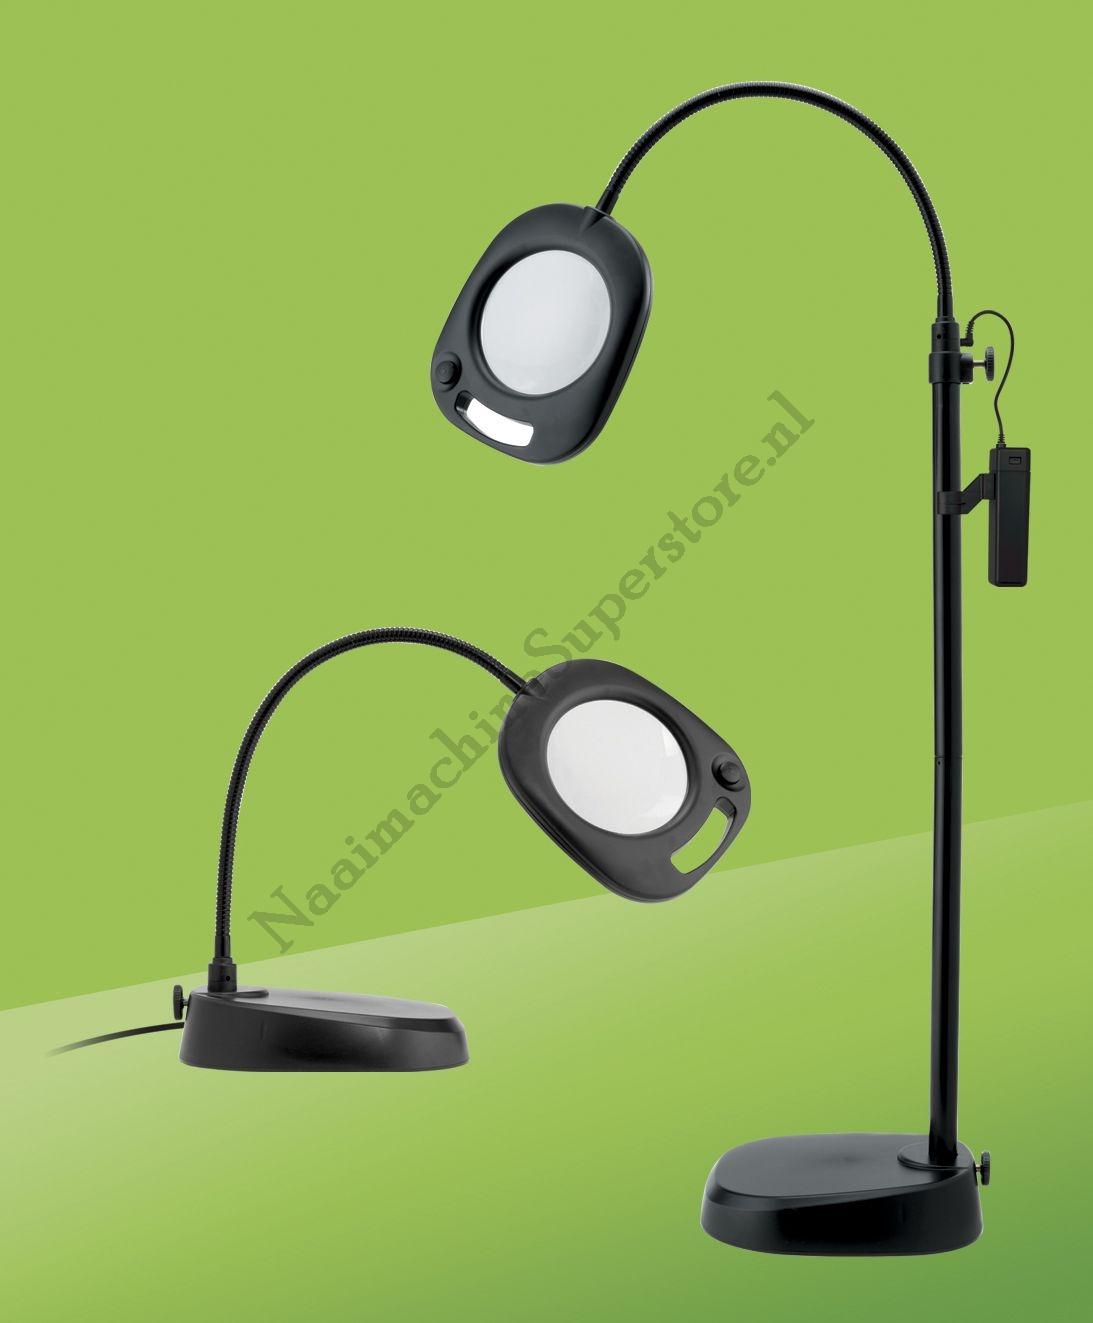 led vloerlamp met loep zwart vloerlampen daylight lampen naaimachine superstore. Black Bedroom Furniture Sets. Home Design Ideas